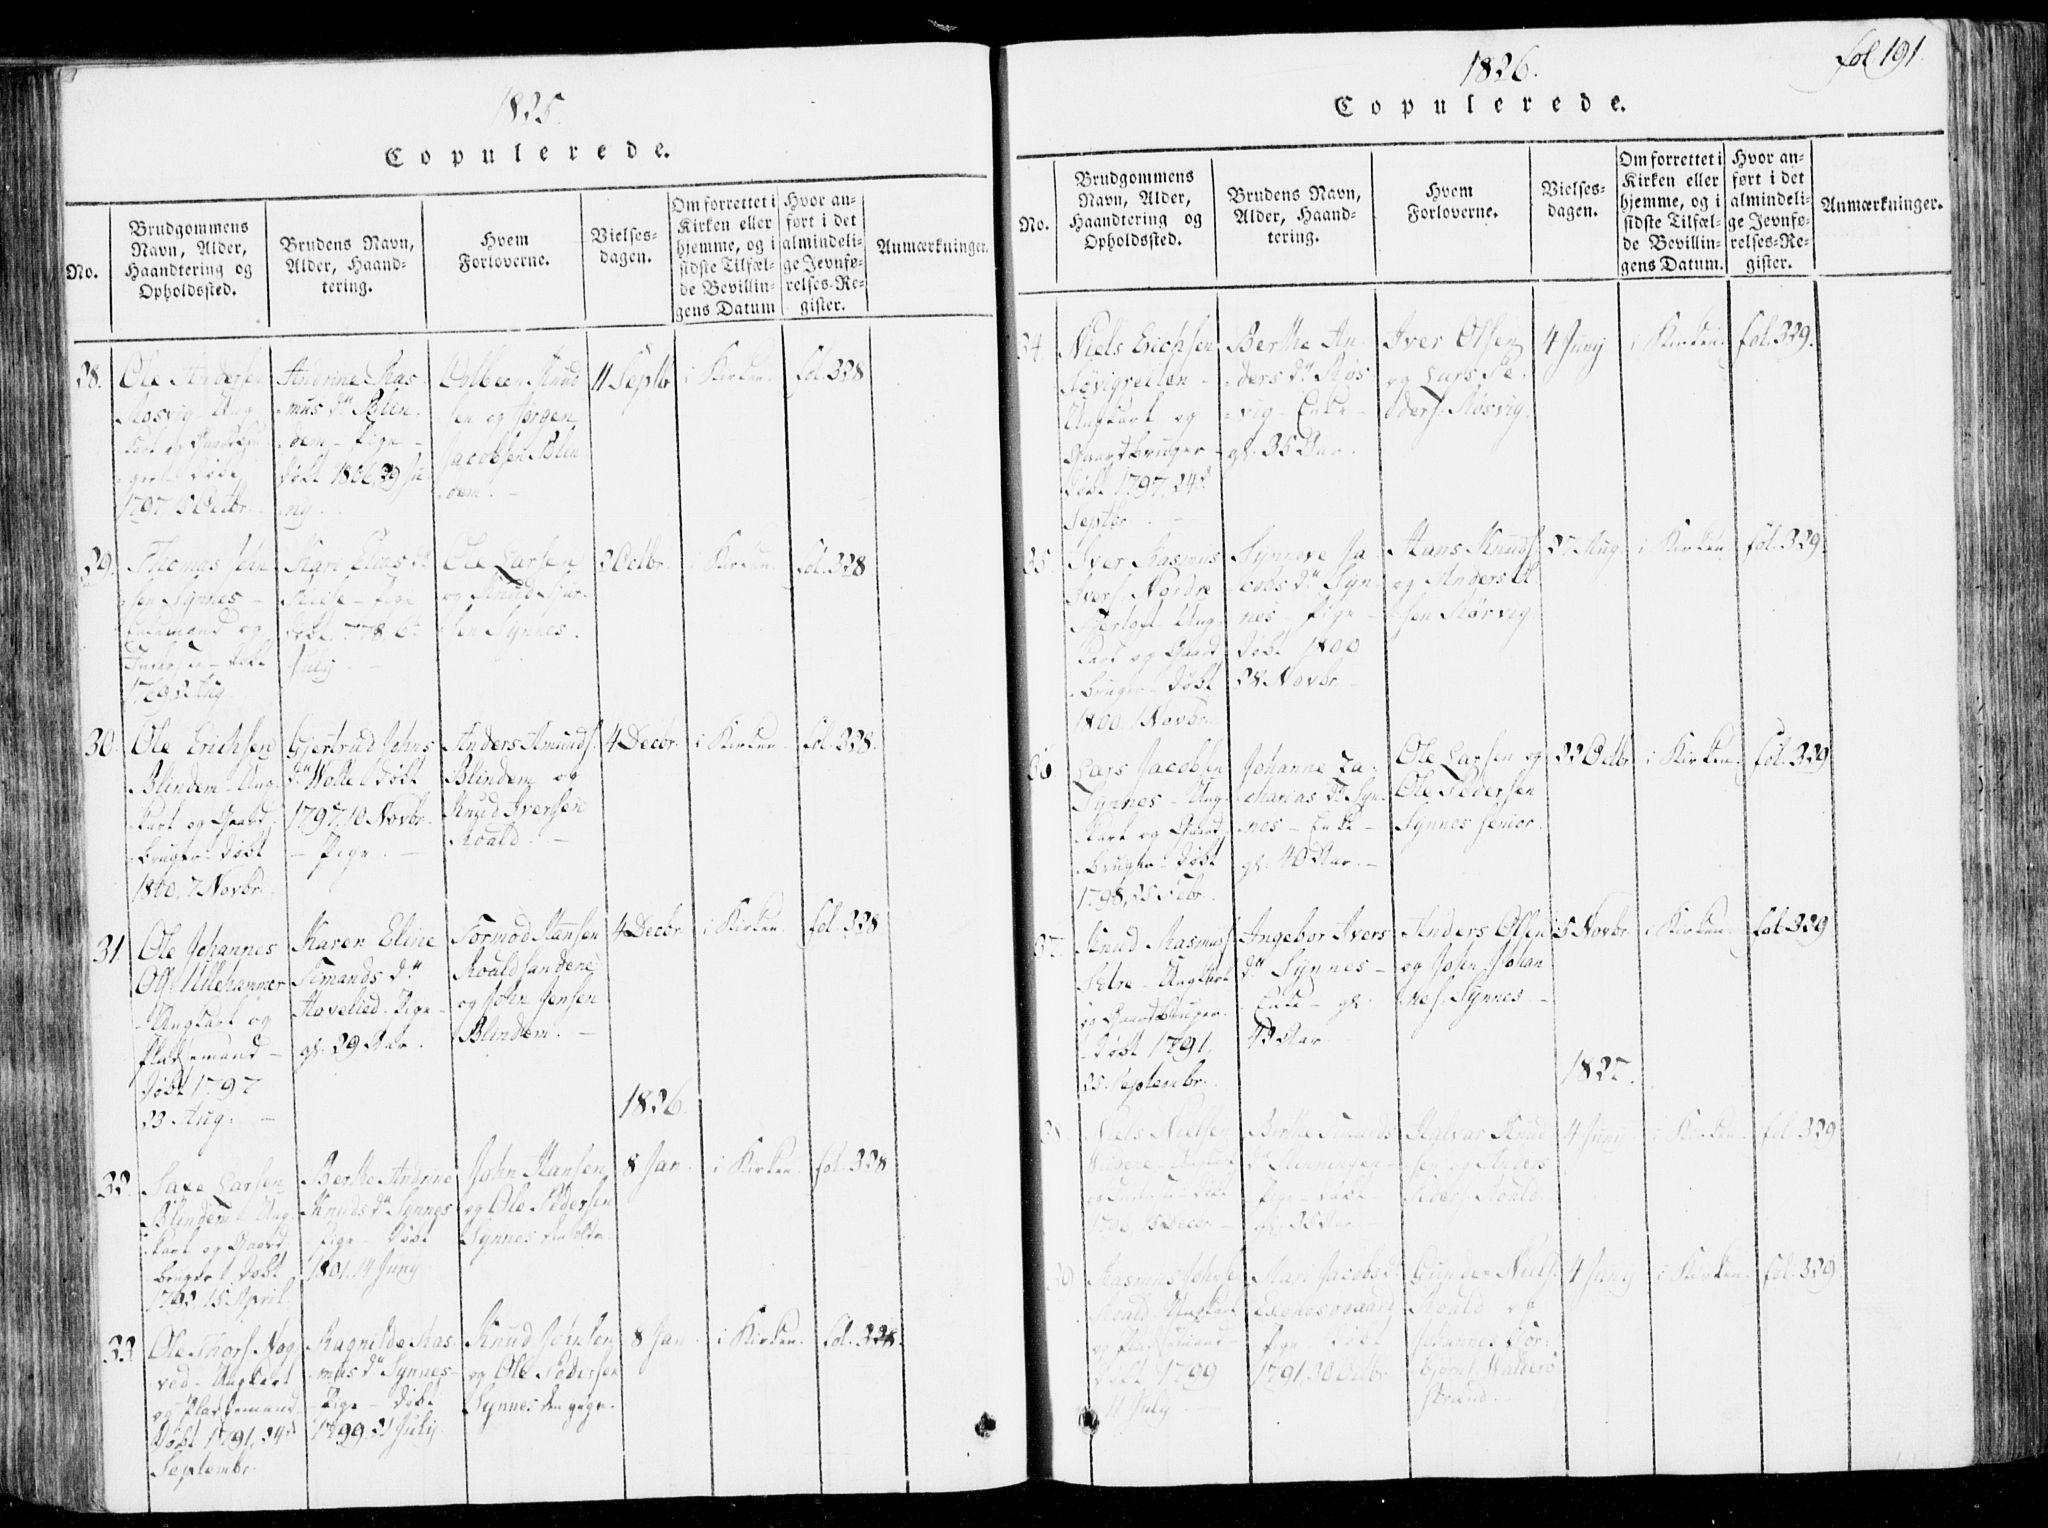 SAT, Ministerialprotokoller, klokkerbøker og fødselsregistre - Møre og Romsdal, 537/L0517: Ministerialbok nr. 537A01, 1818-1862, s. 191